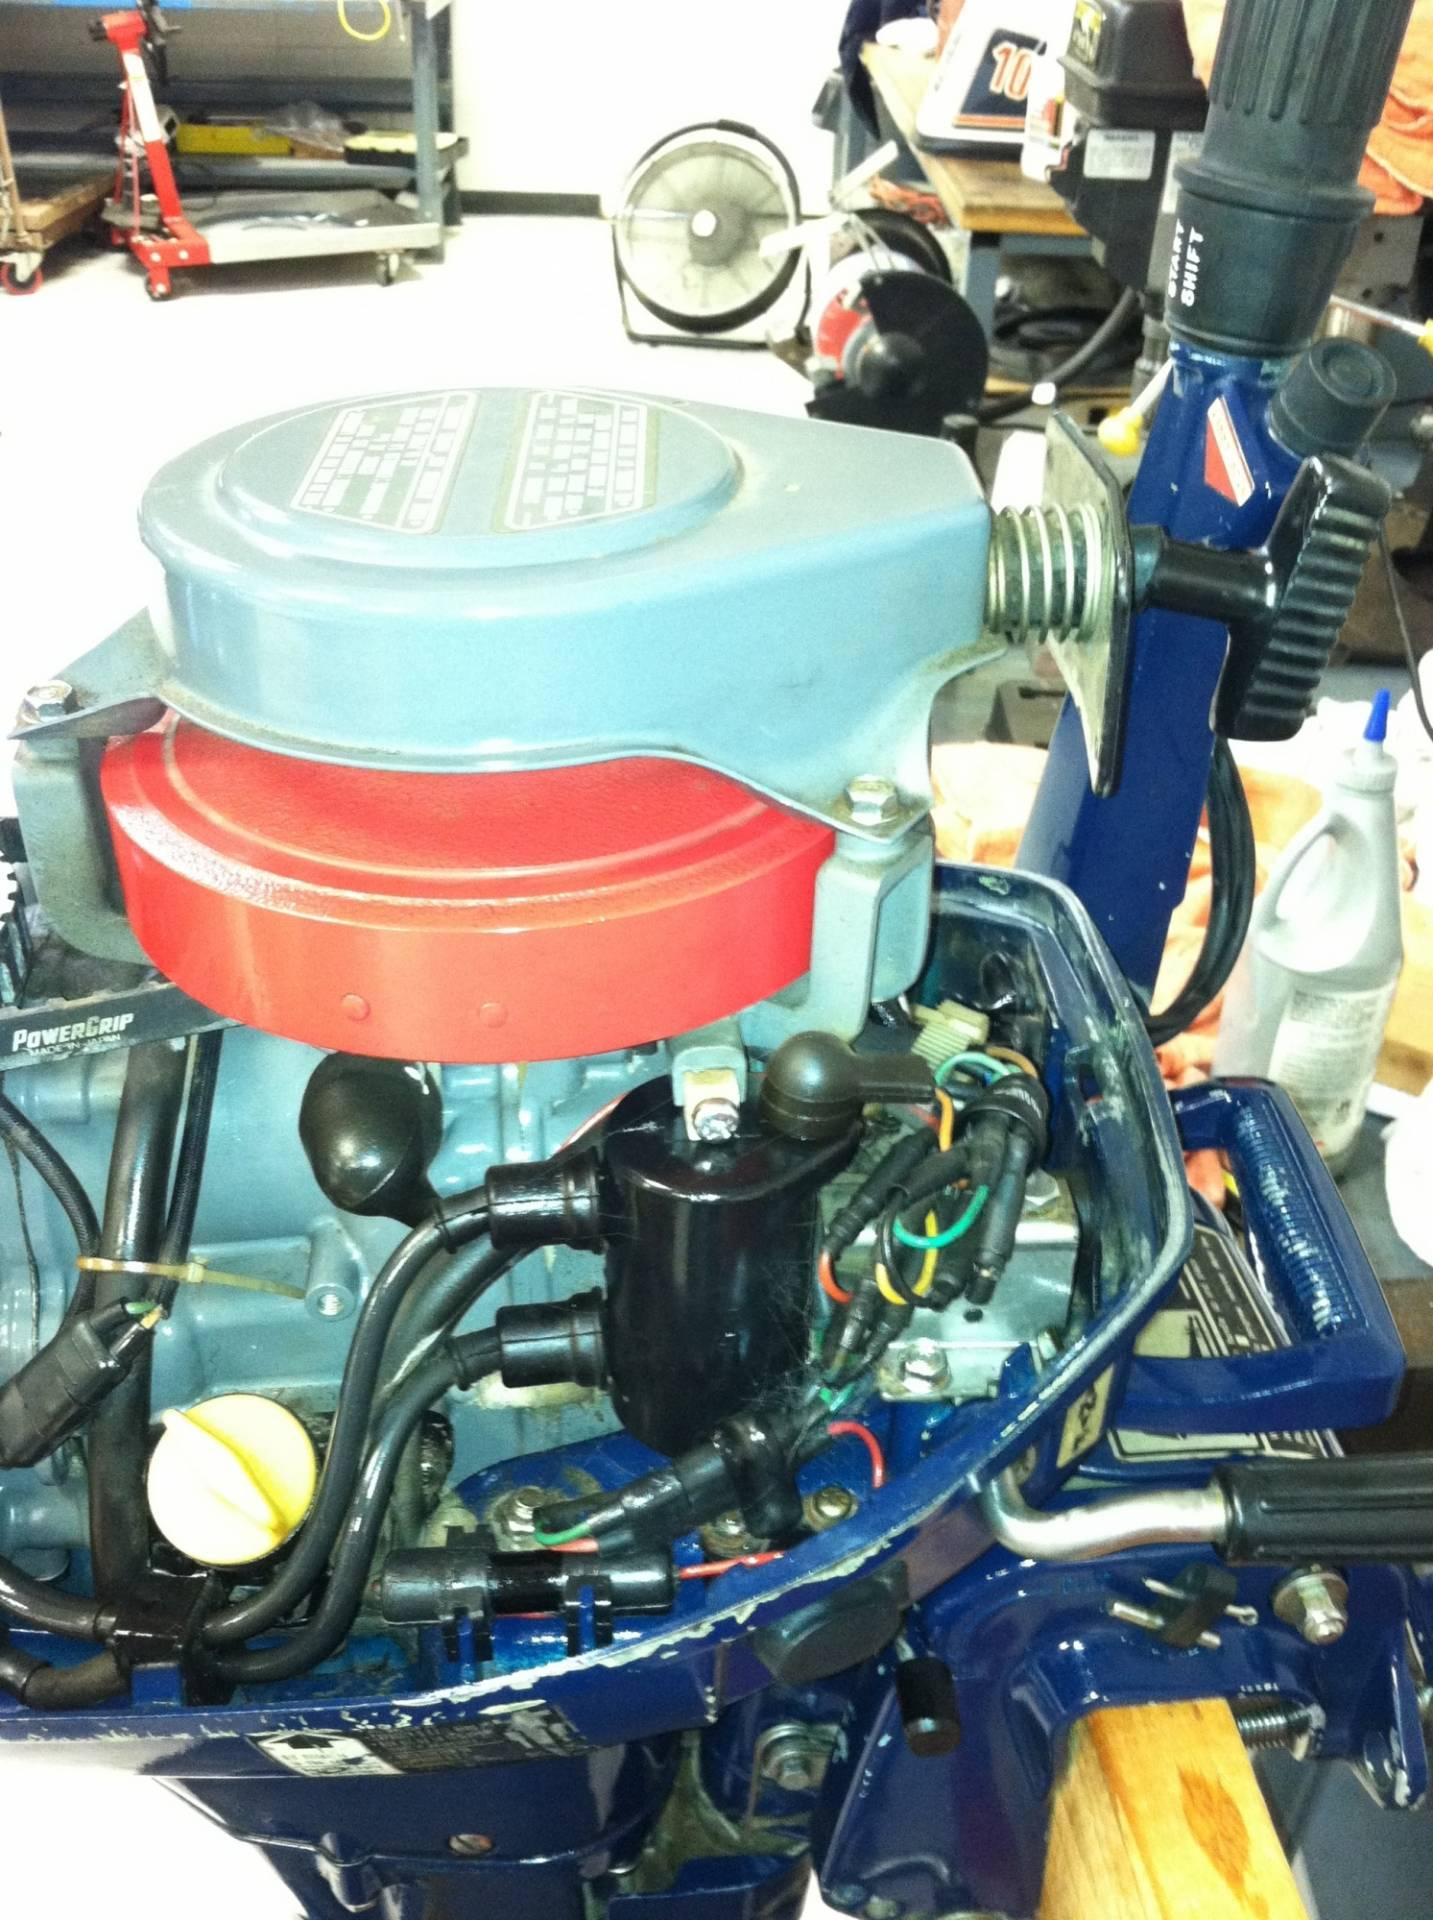 4 stroke honda 10 hp b100s outboard motor bloodydecks for Honda 4 stroke outboard motors